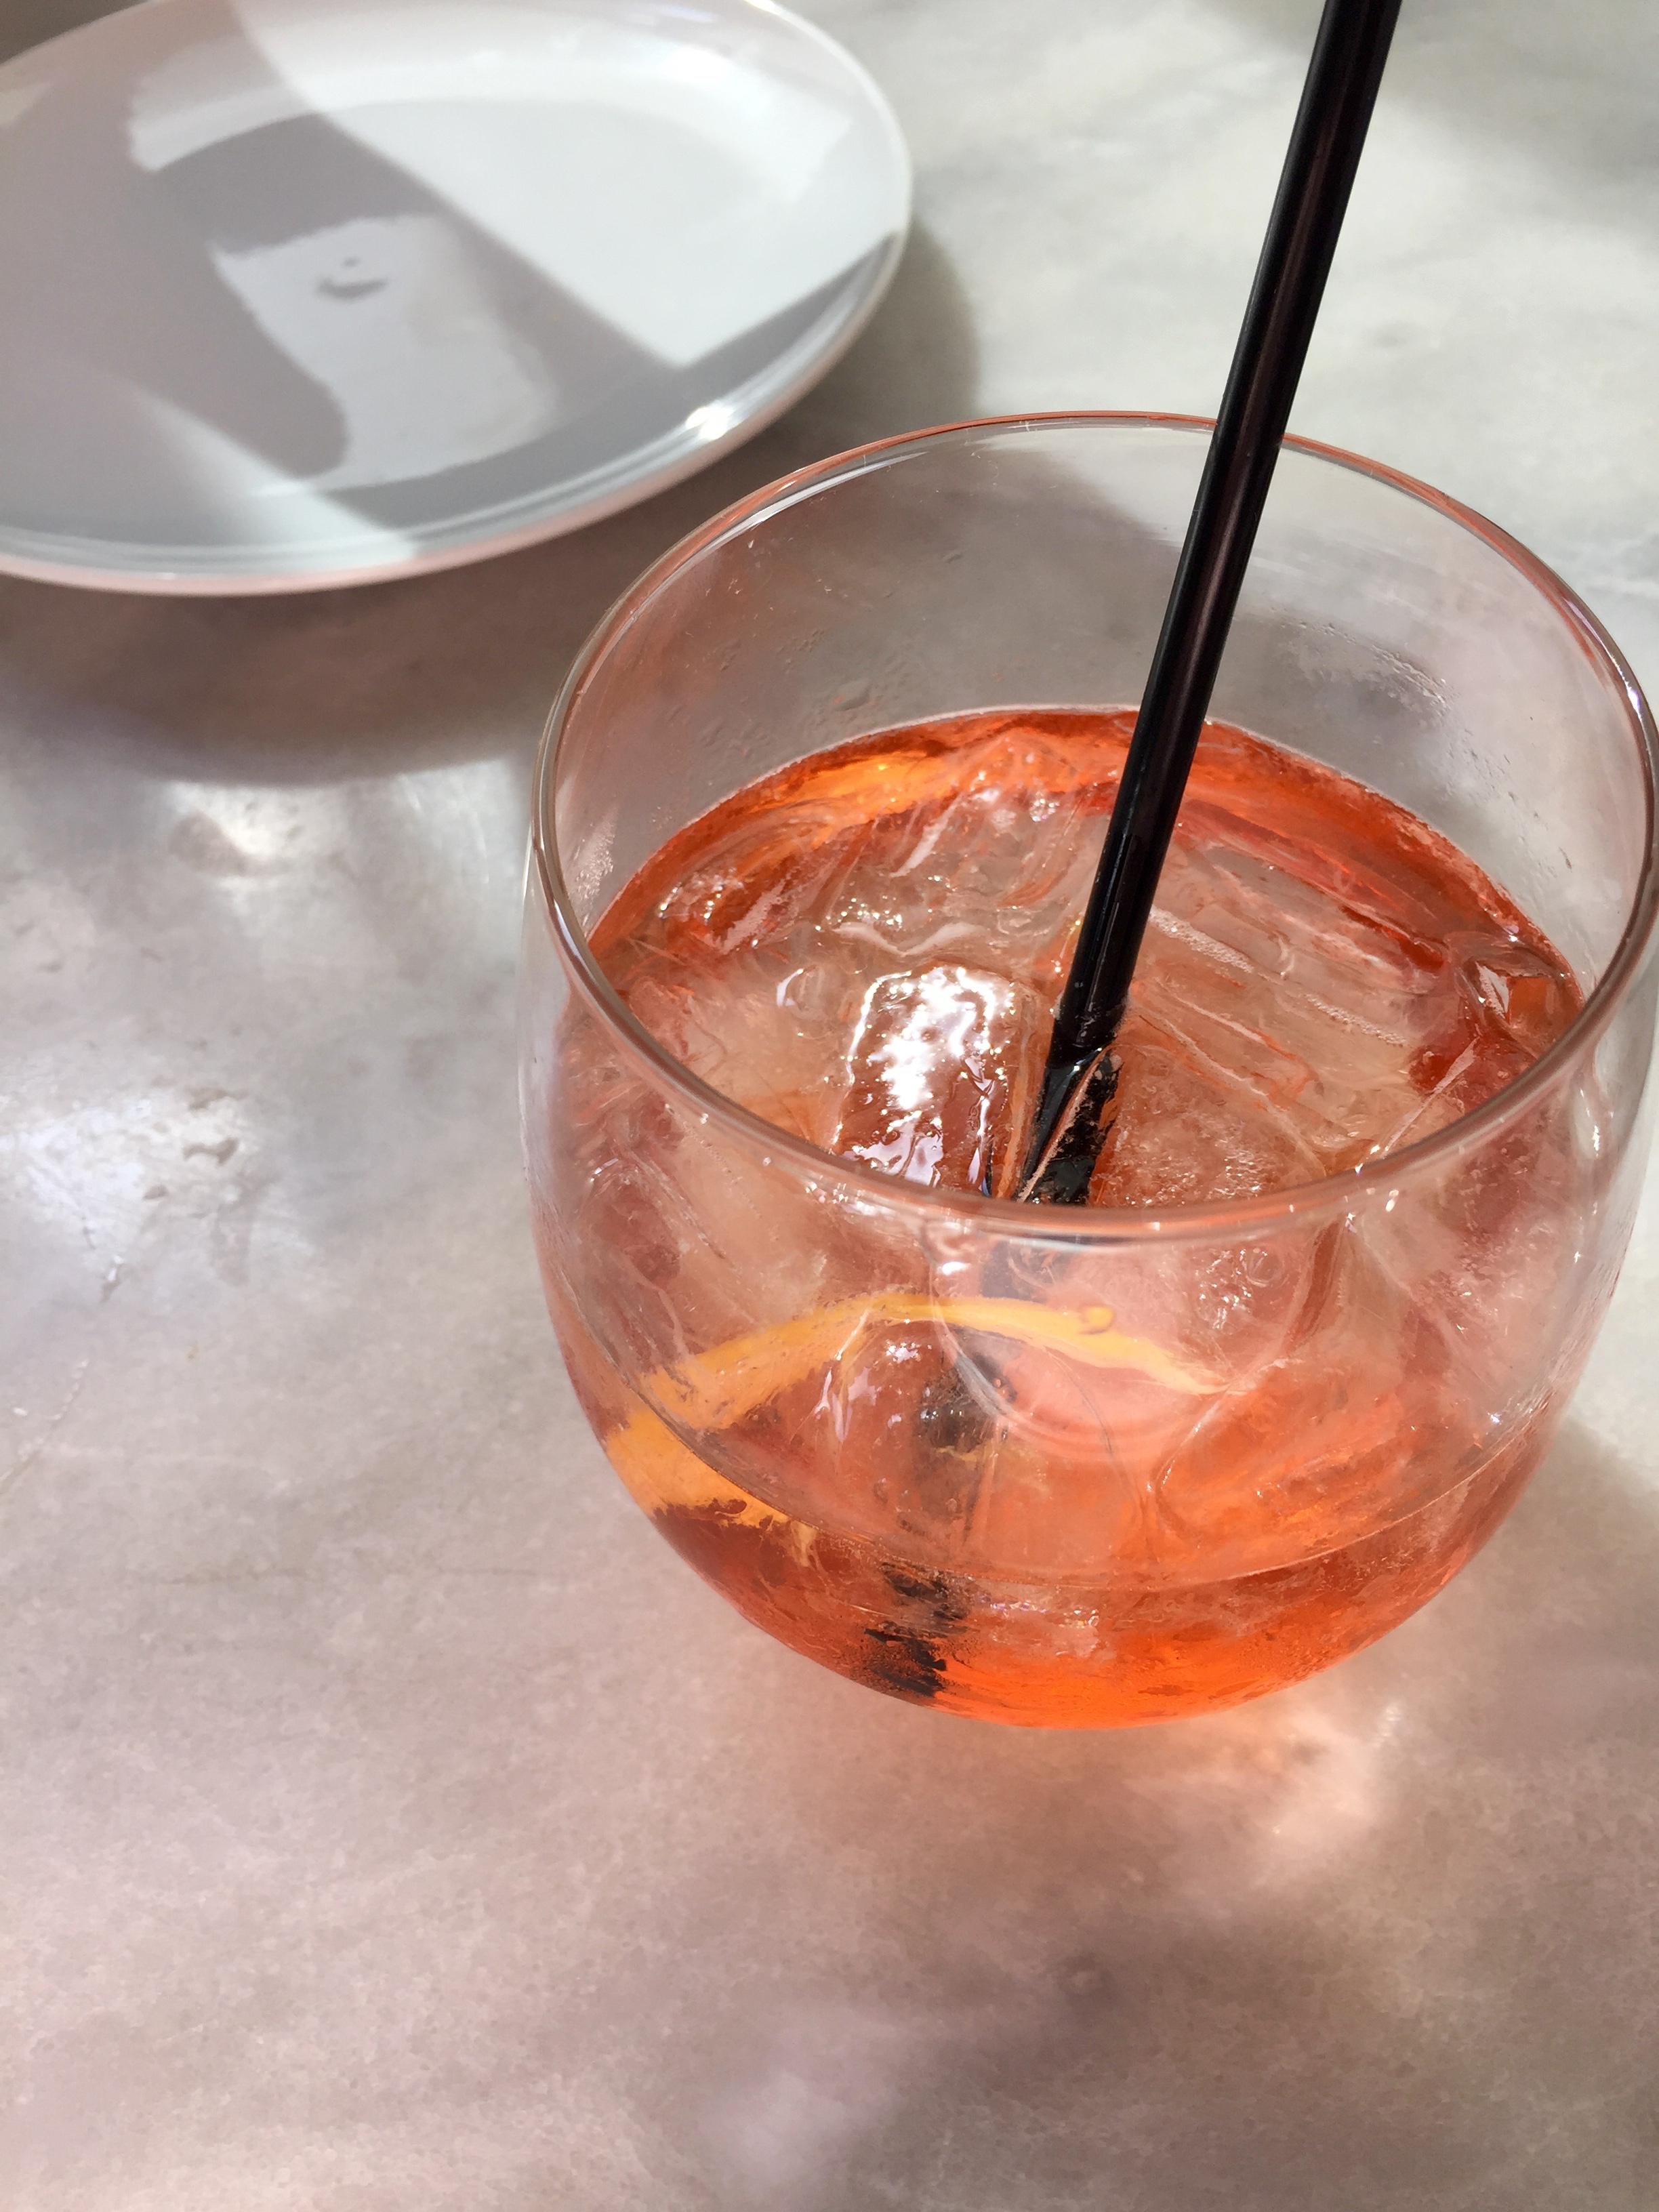 APERTIVO CAPPELLETTI - Prosecco, soda, orange twist.